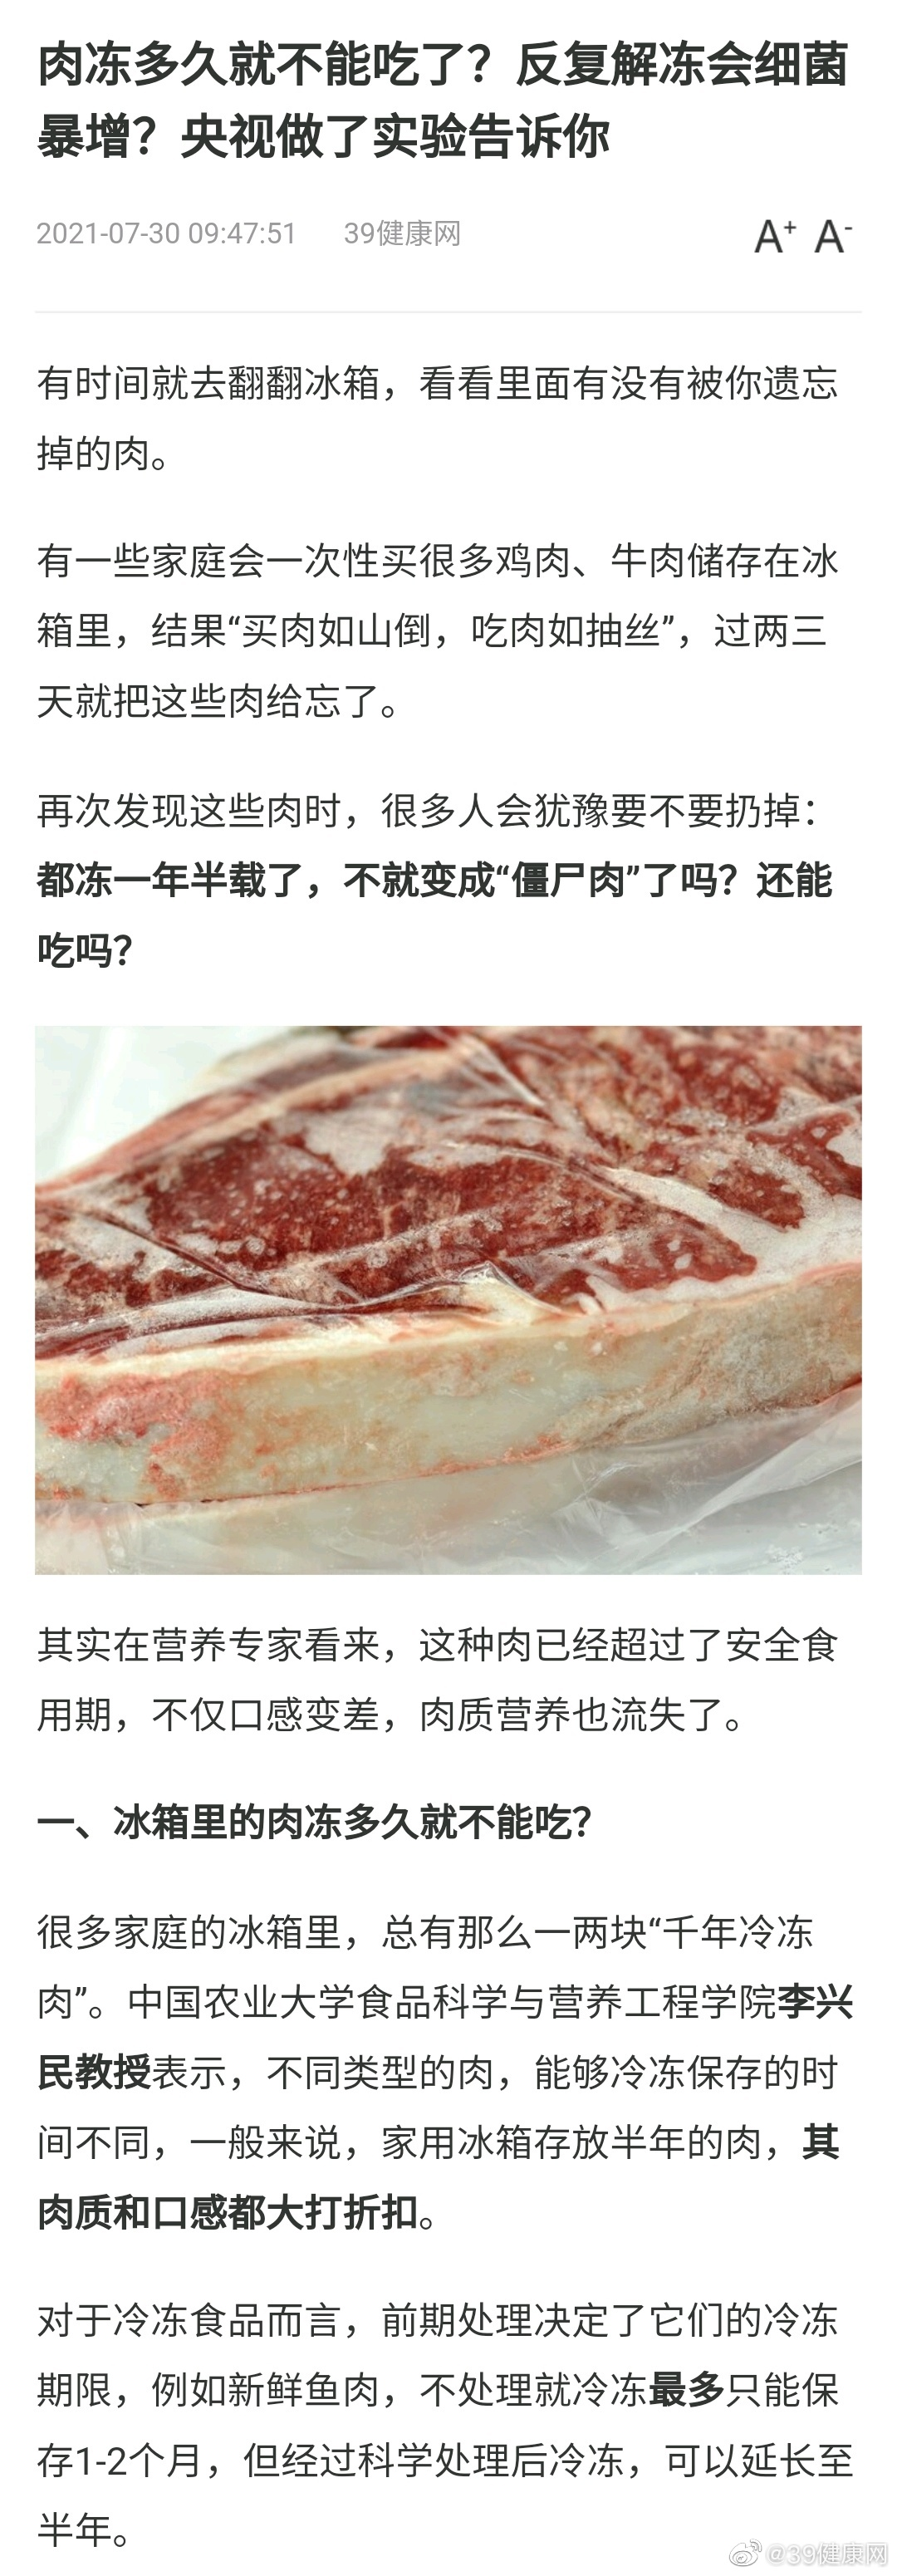 有时间就去翻翻冰箱,看看里面有没有被你遗忘掉的肉……